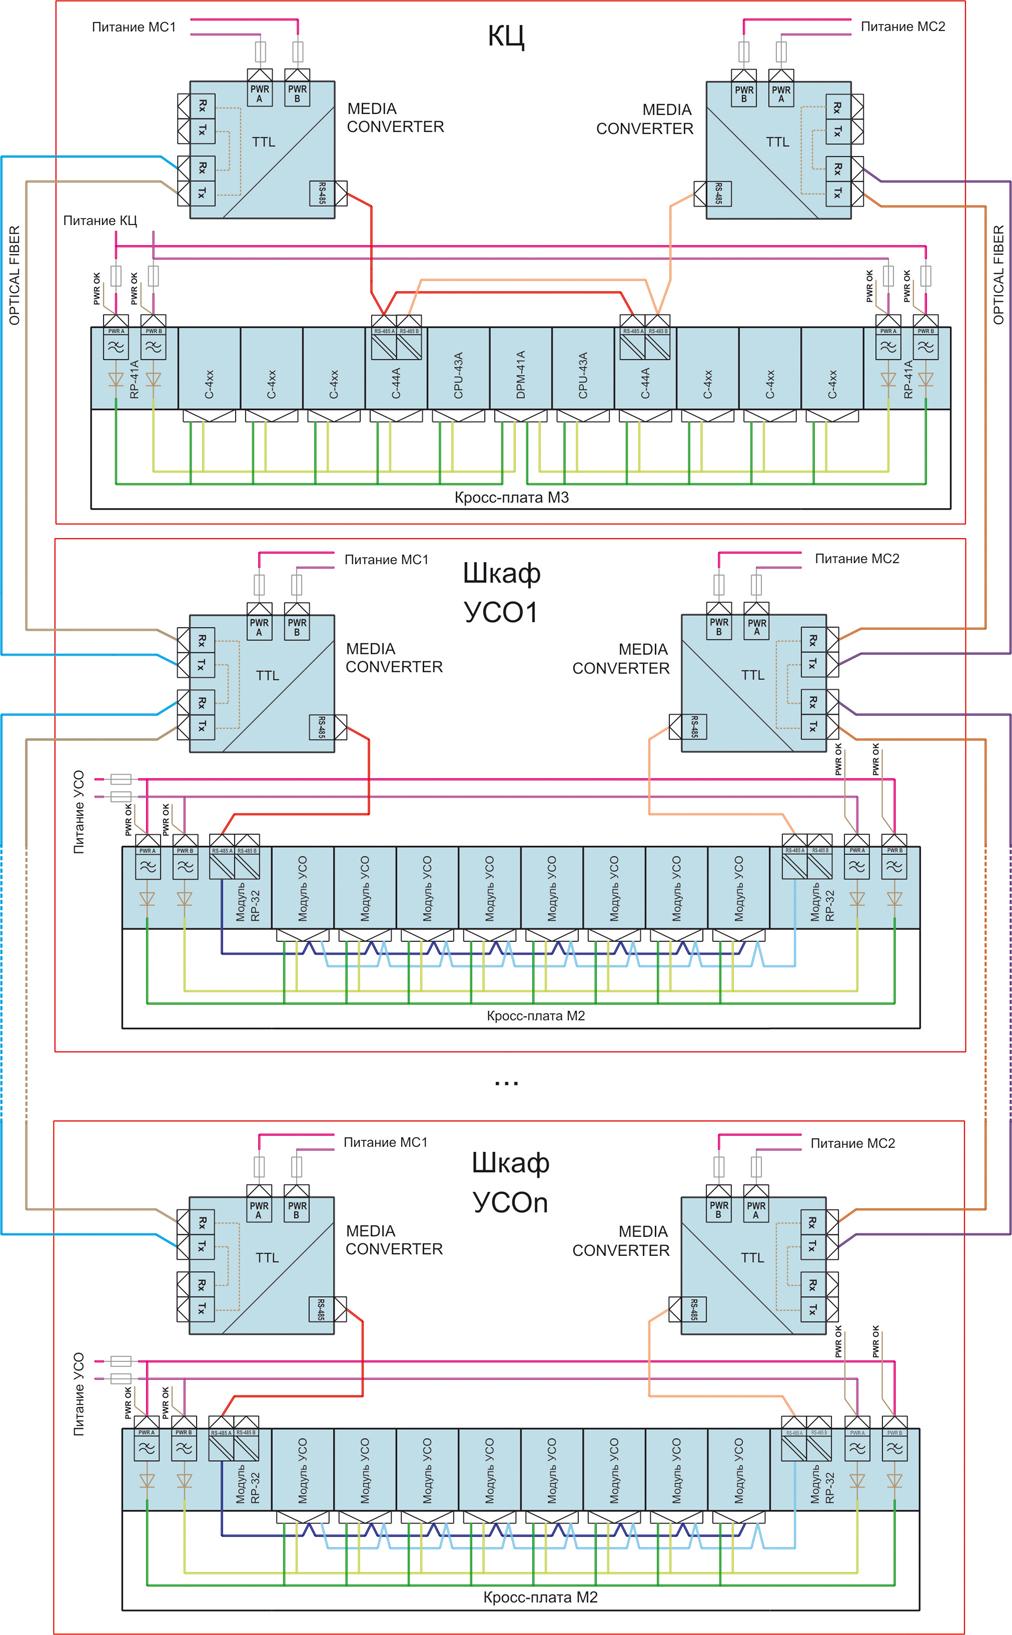 Структурная схема системы автоматизации на базе контроллеров DCS-2000